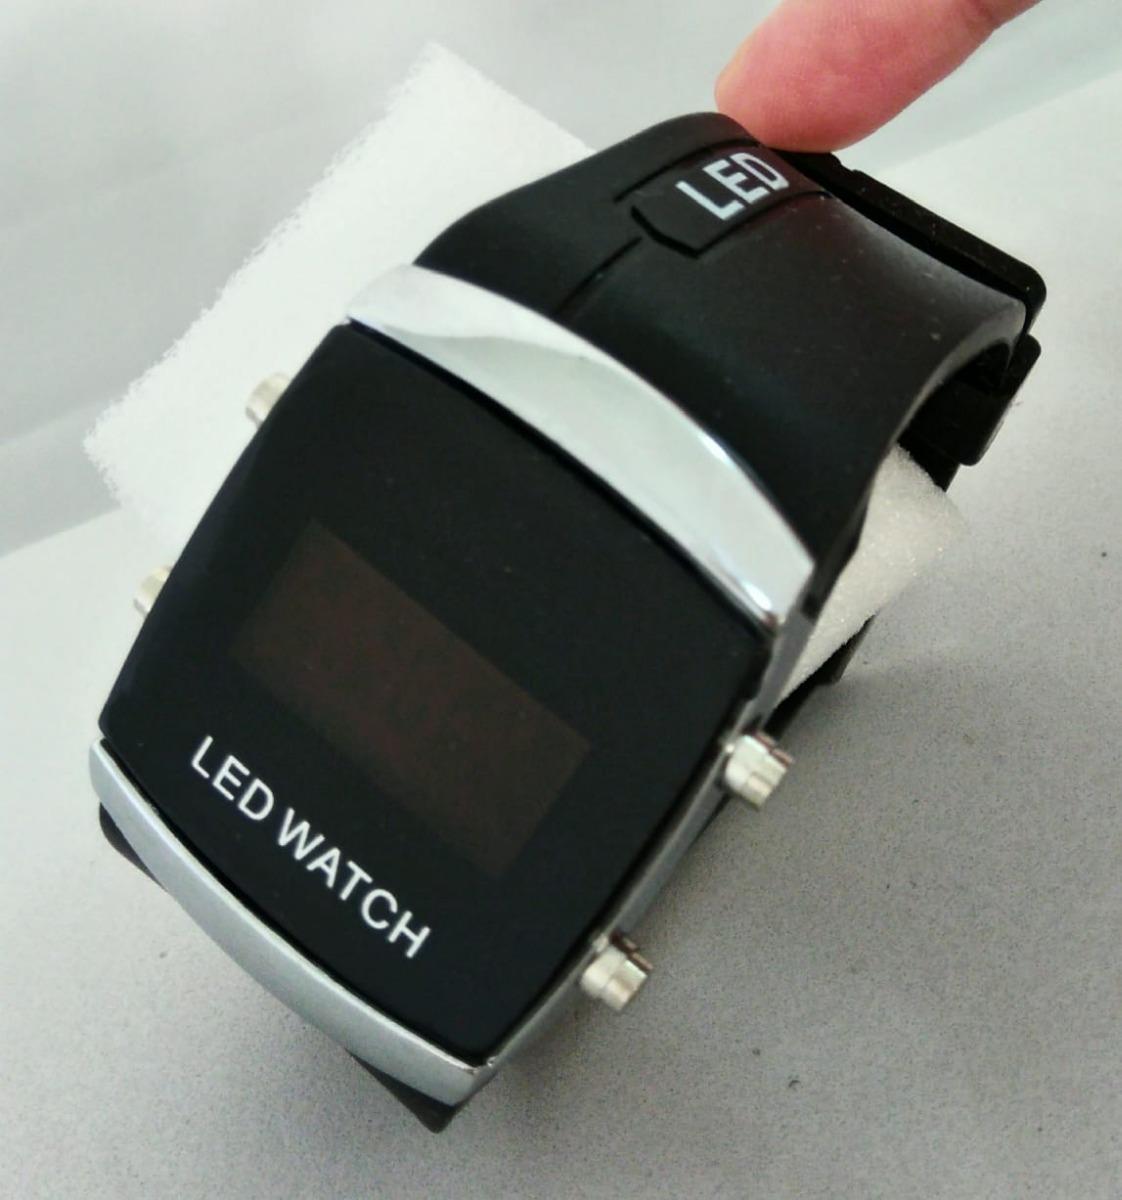 e76f6979f0e relógio digital de led corrida treino esportivo modelo novo. Carregando  zoom.